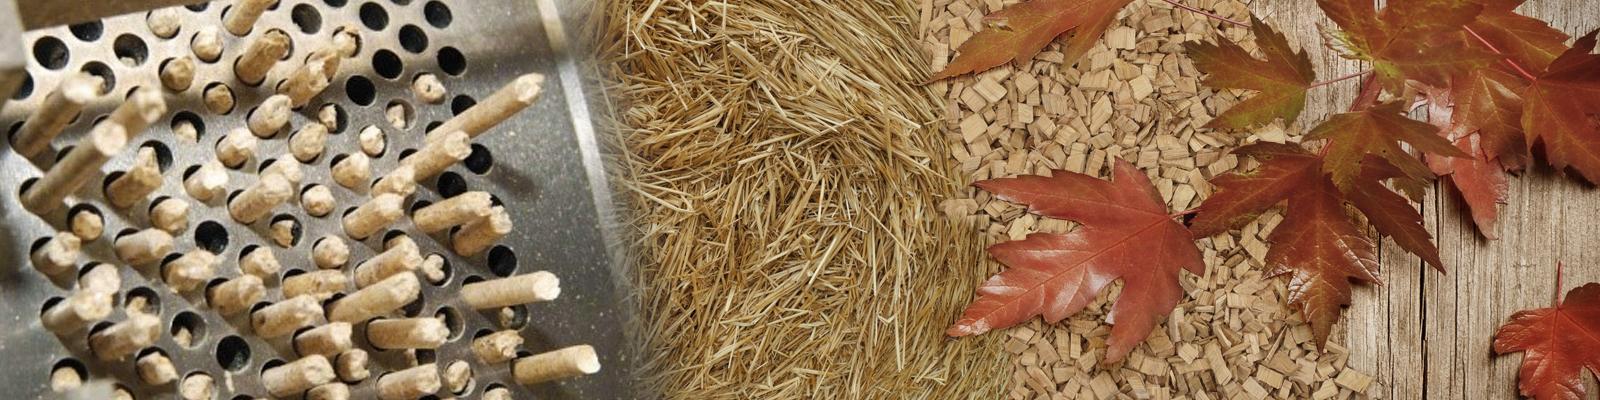 Для производства пеллет используем все виды биосырья